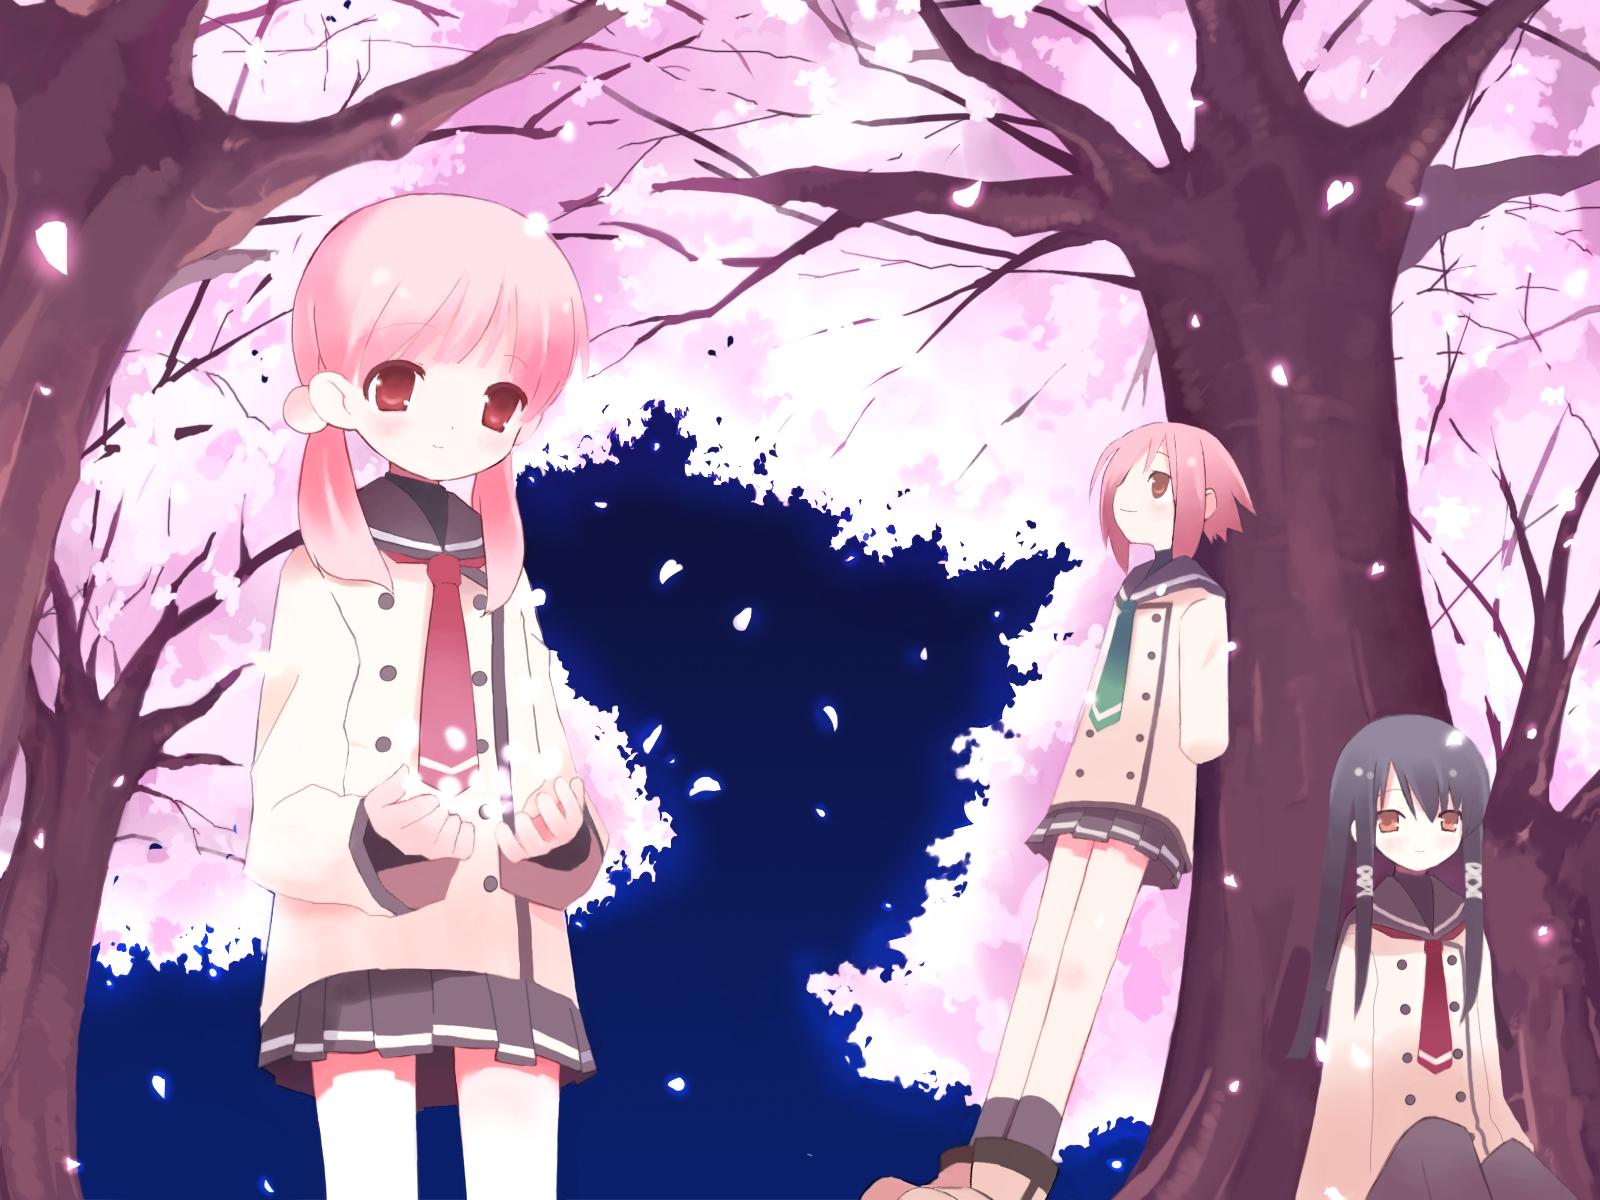 Wallpaper Pohon Ilustrasi Anime Taman Gambar Kartun Rok Dasi